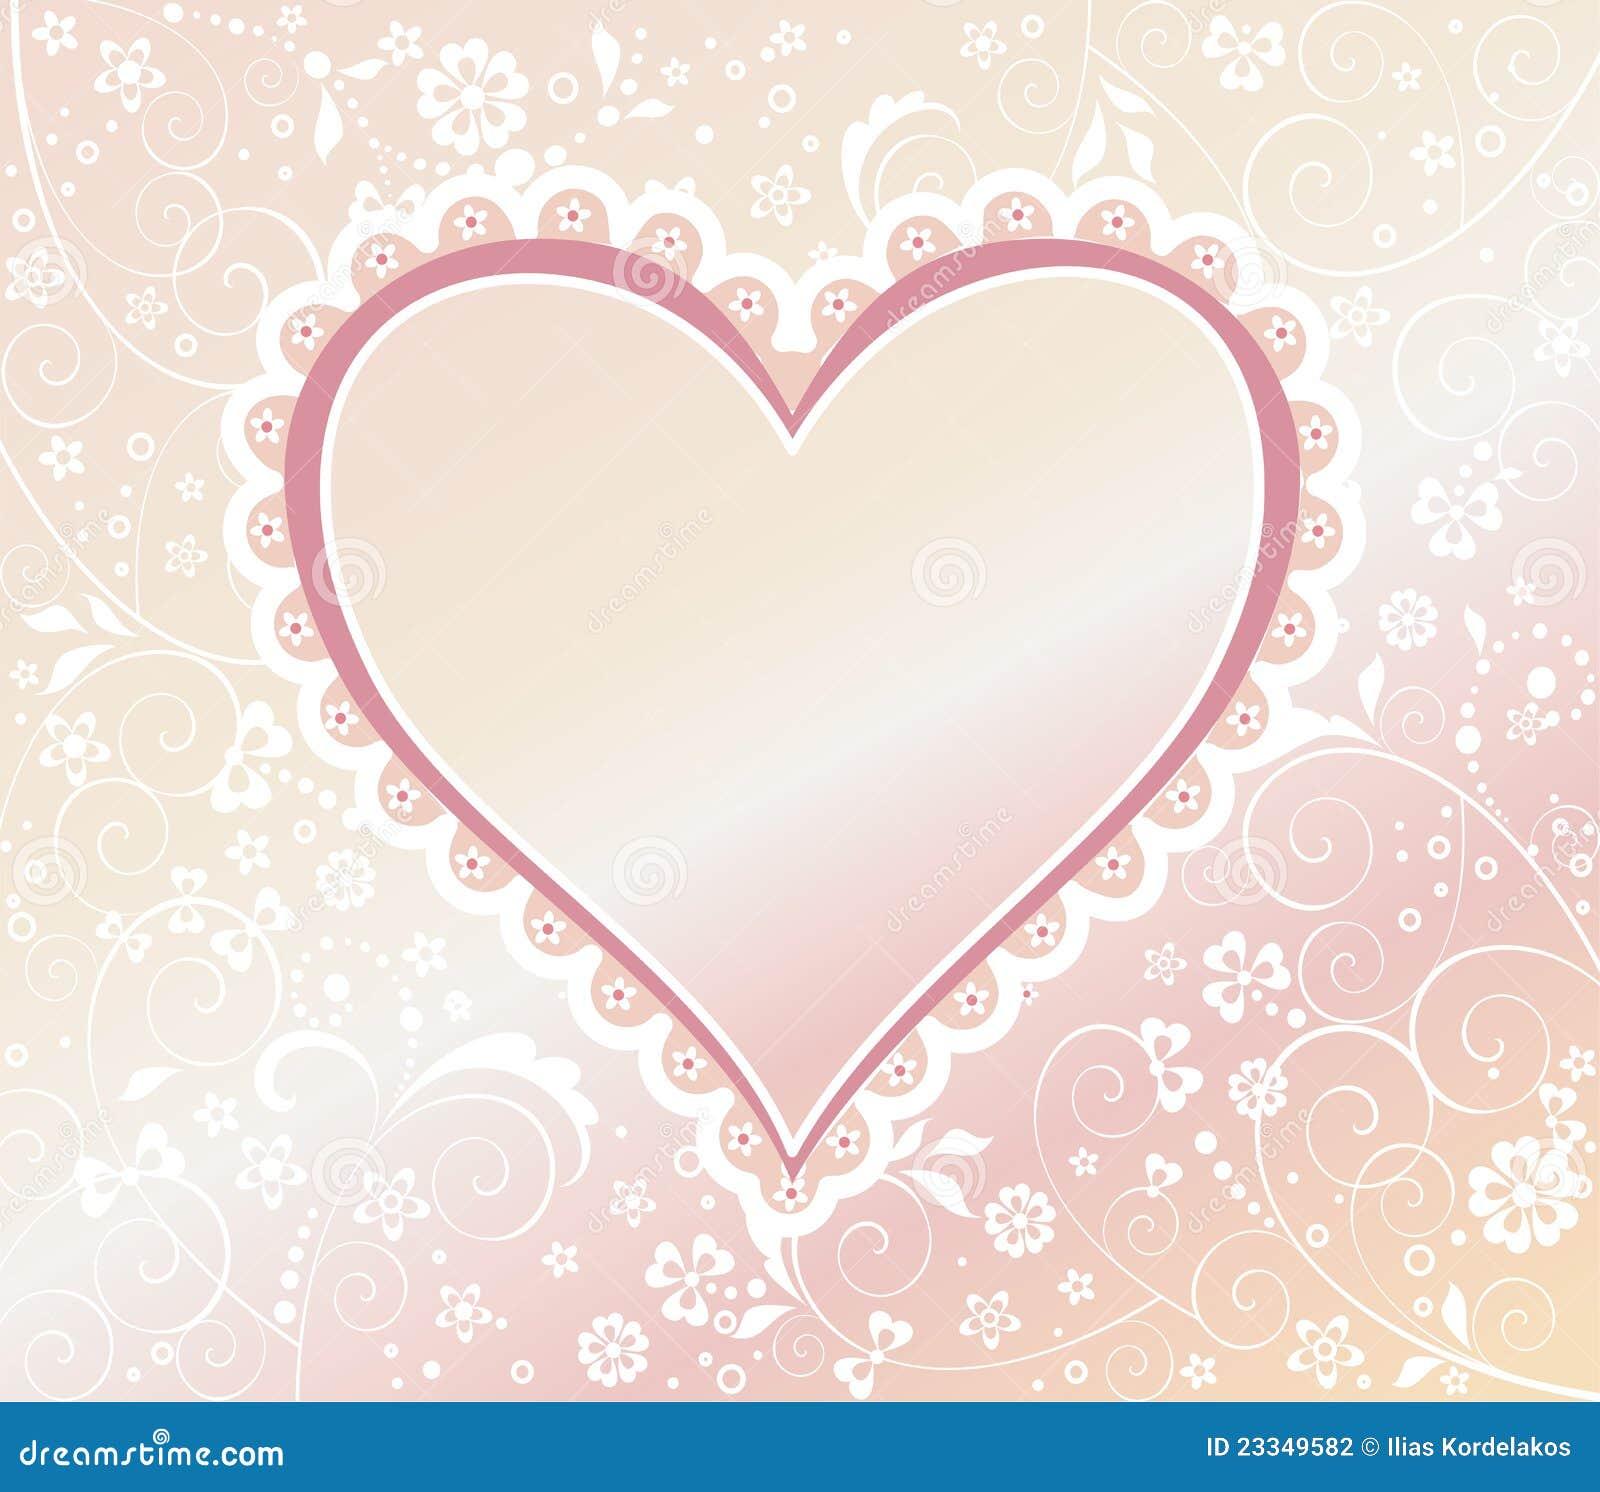 Vintage Heart Background Vintage heart b...